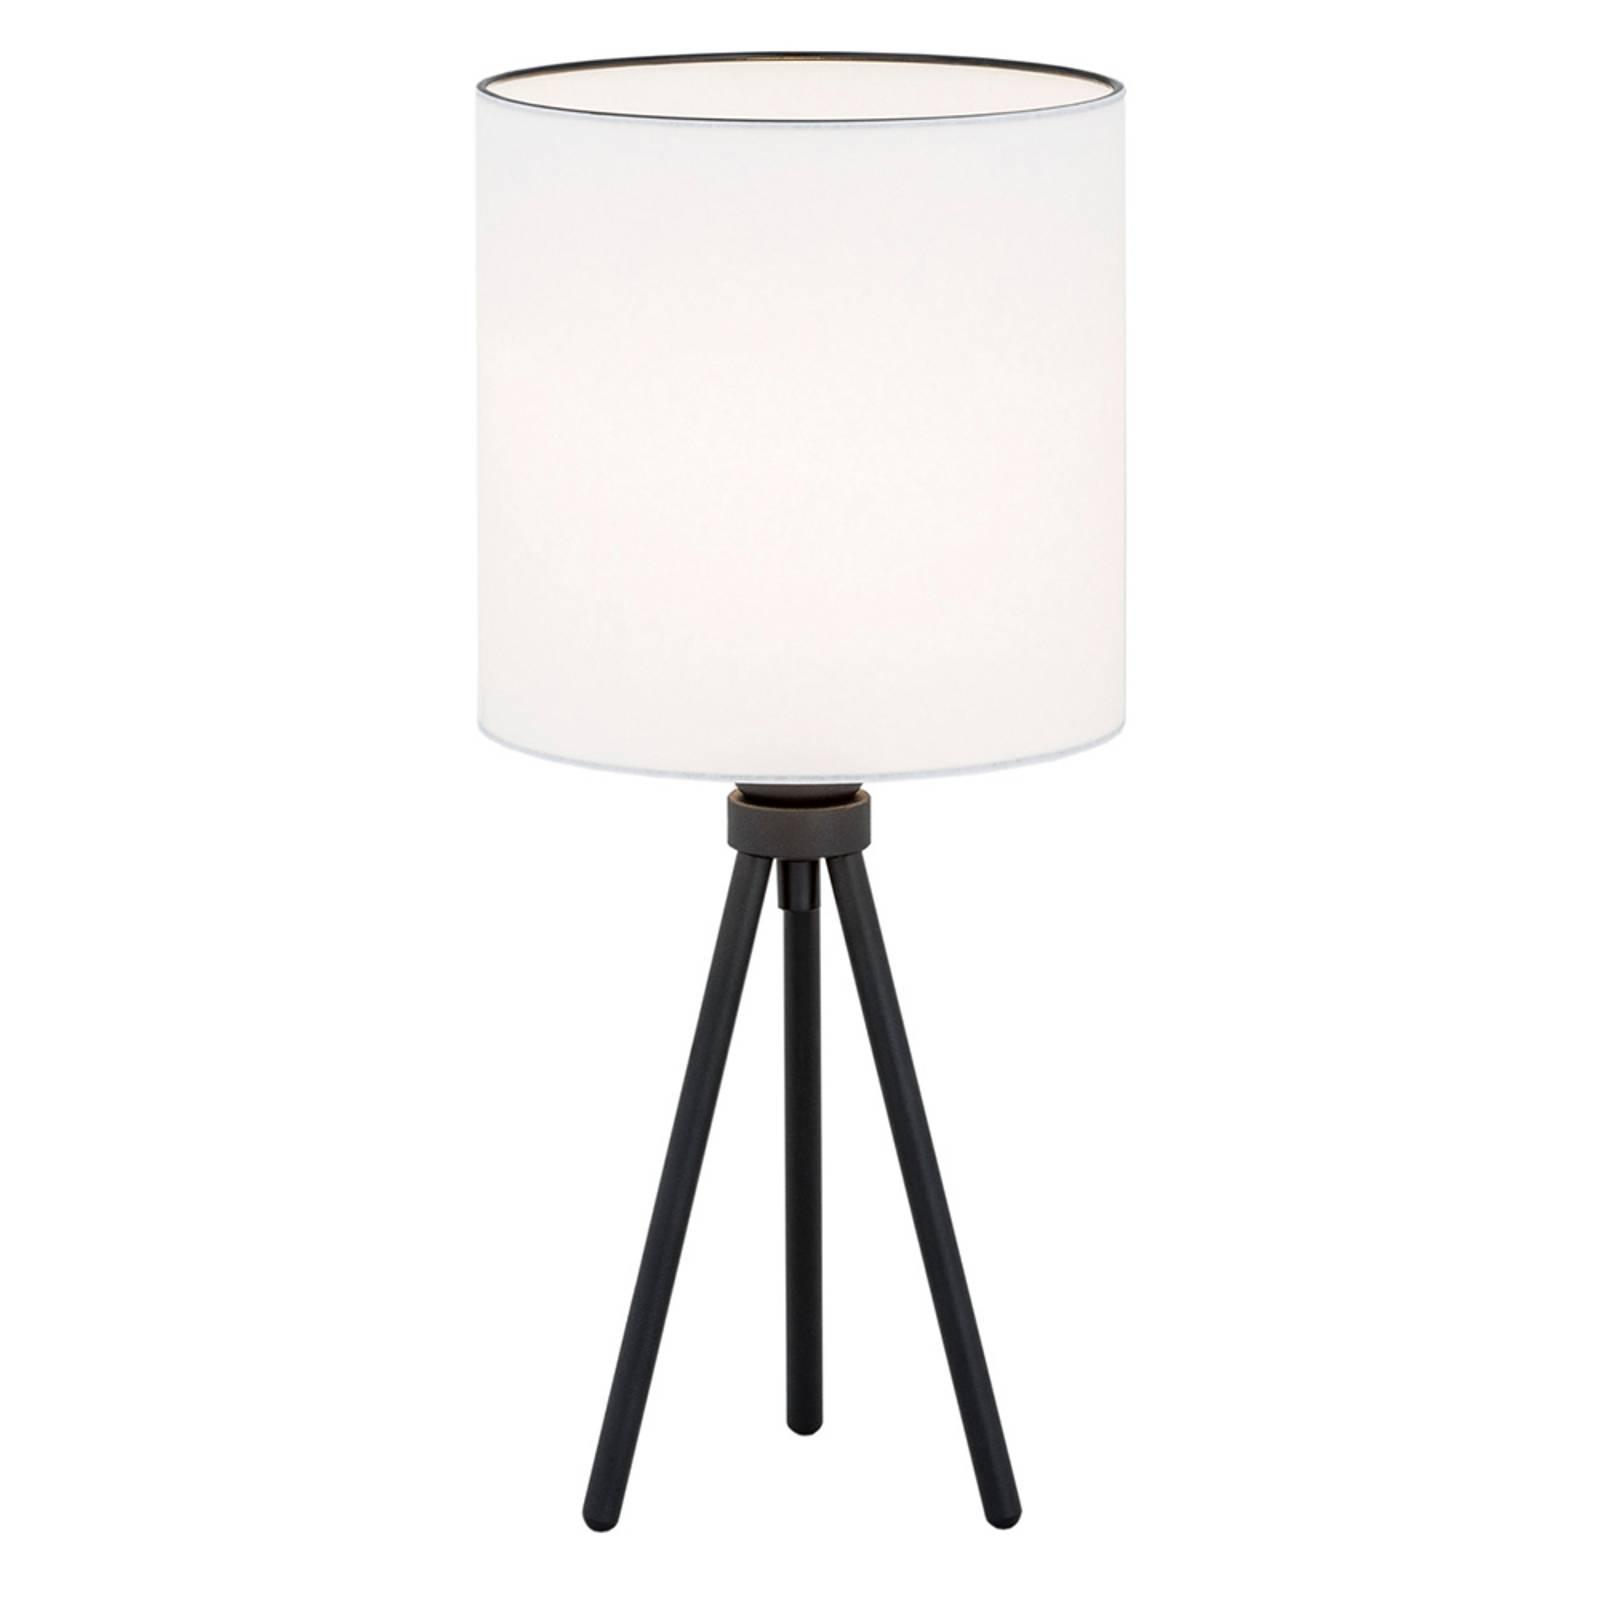 Pöytälamppu Harris, kolmijalka, musta/valkoinen